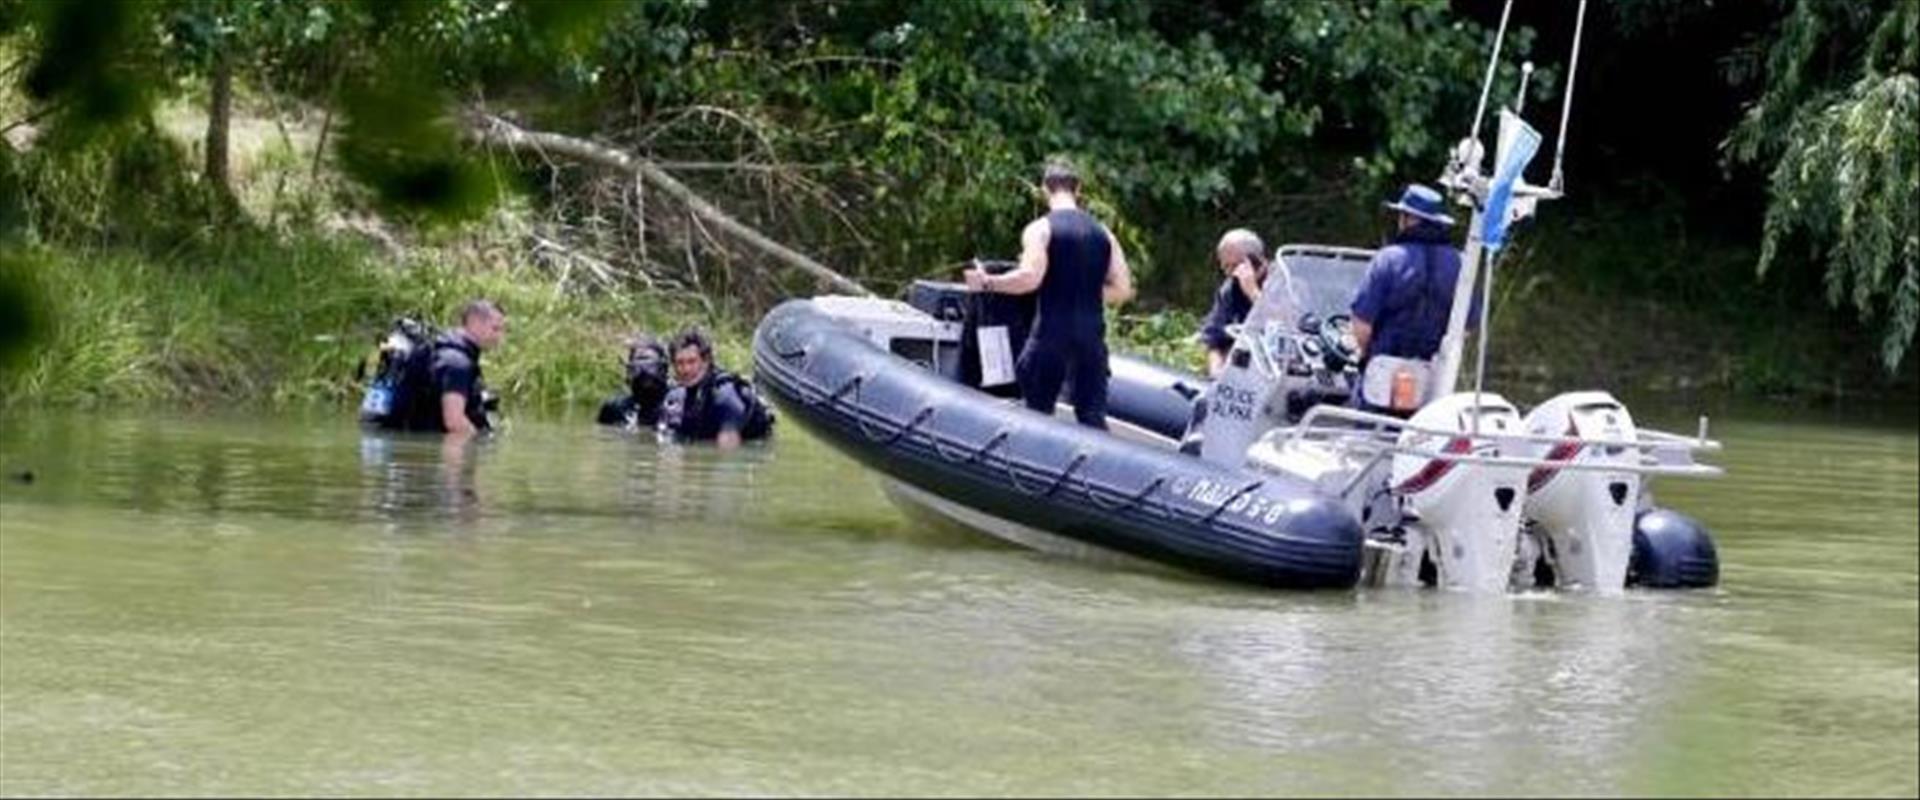 החיפושים בהנהר, היום